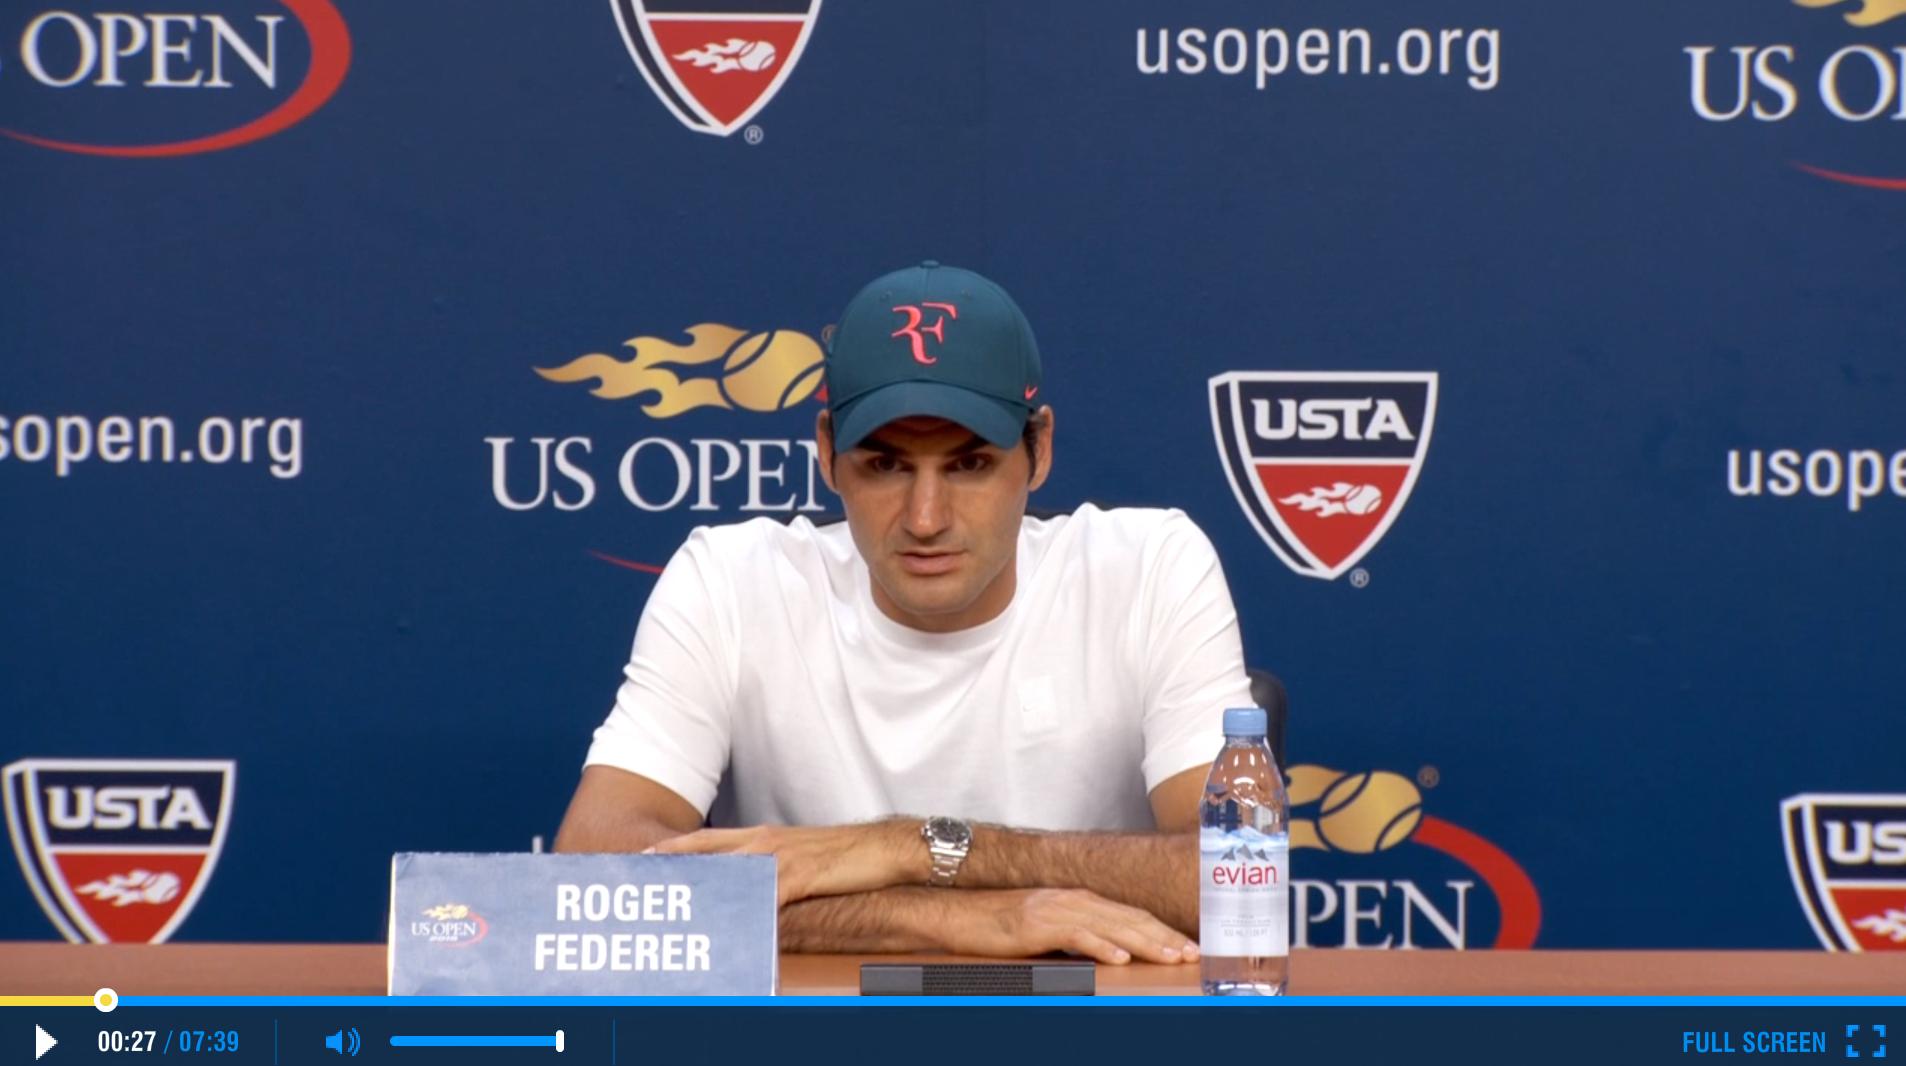 Federer 2015 US Open Quarterfinals Press Conference